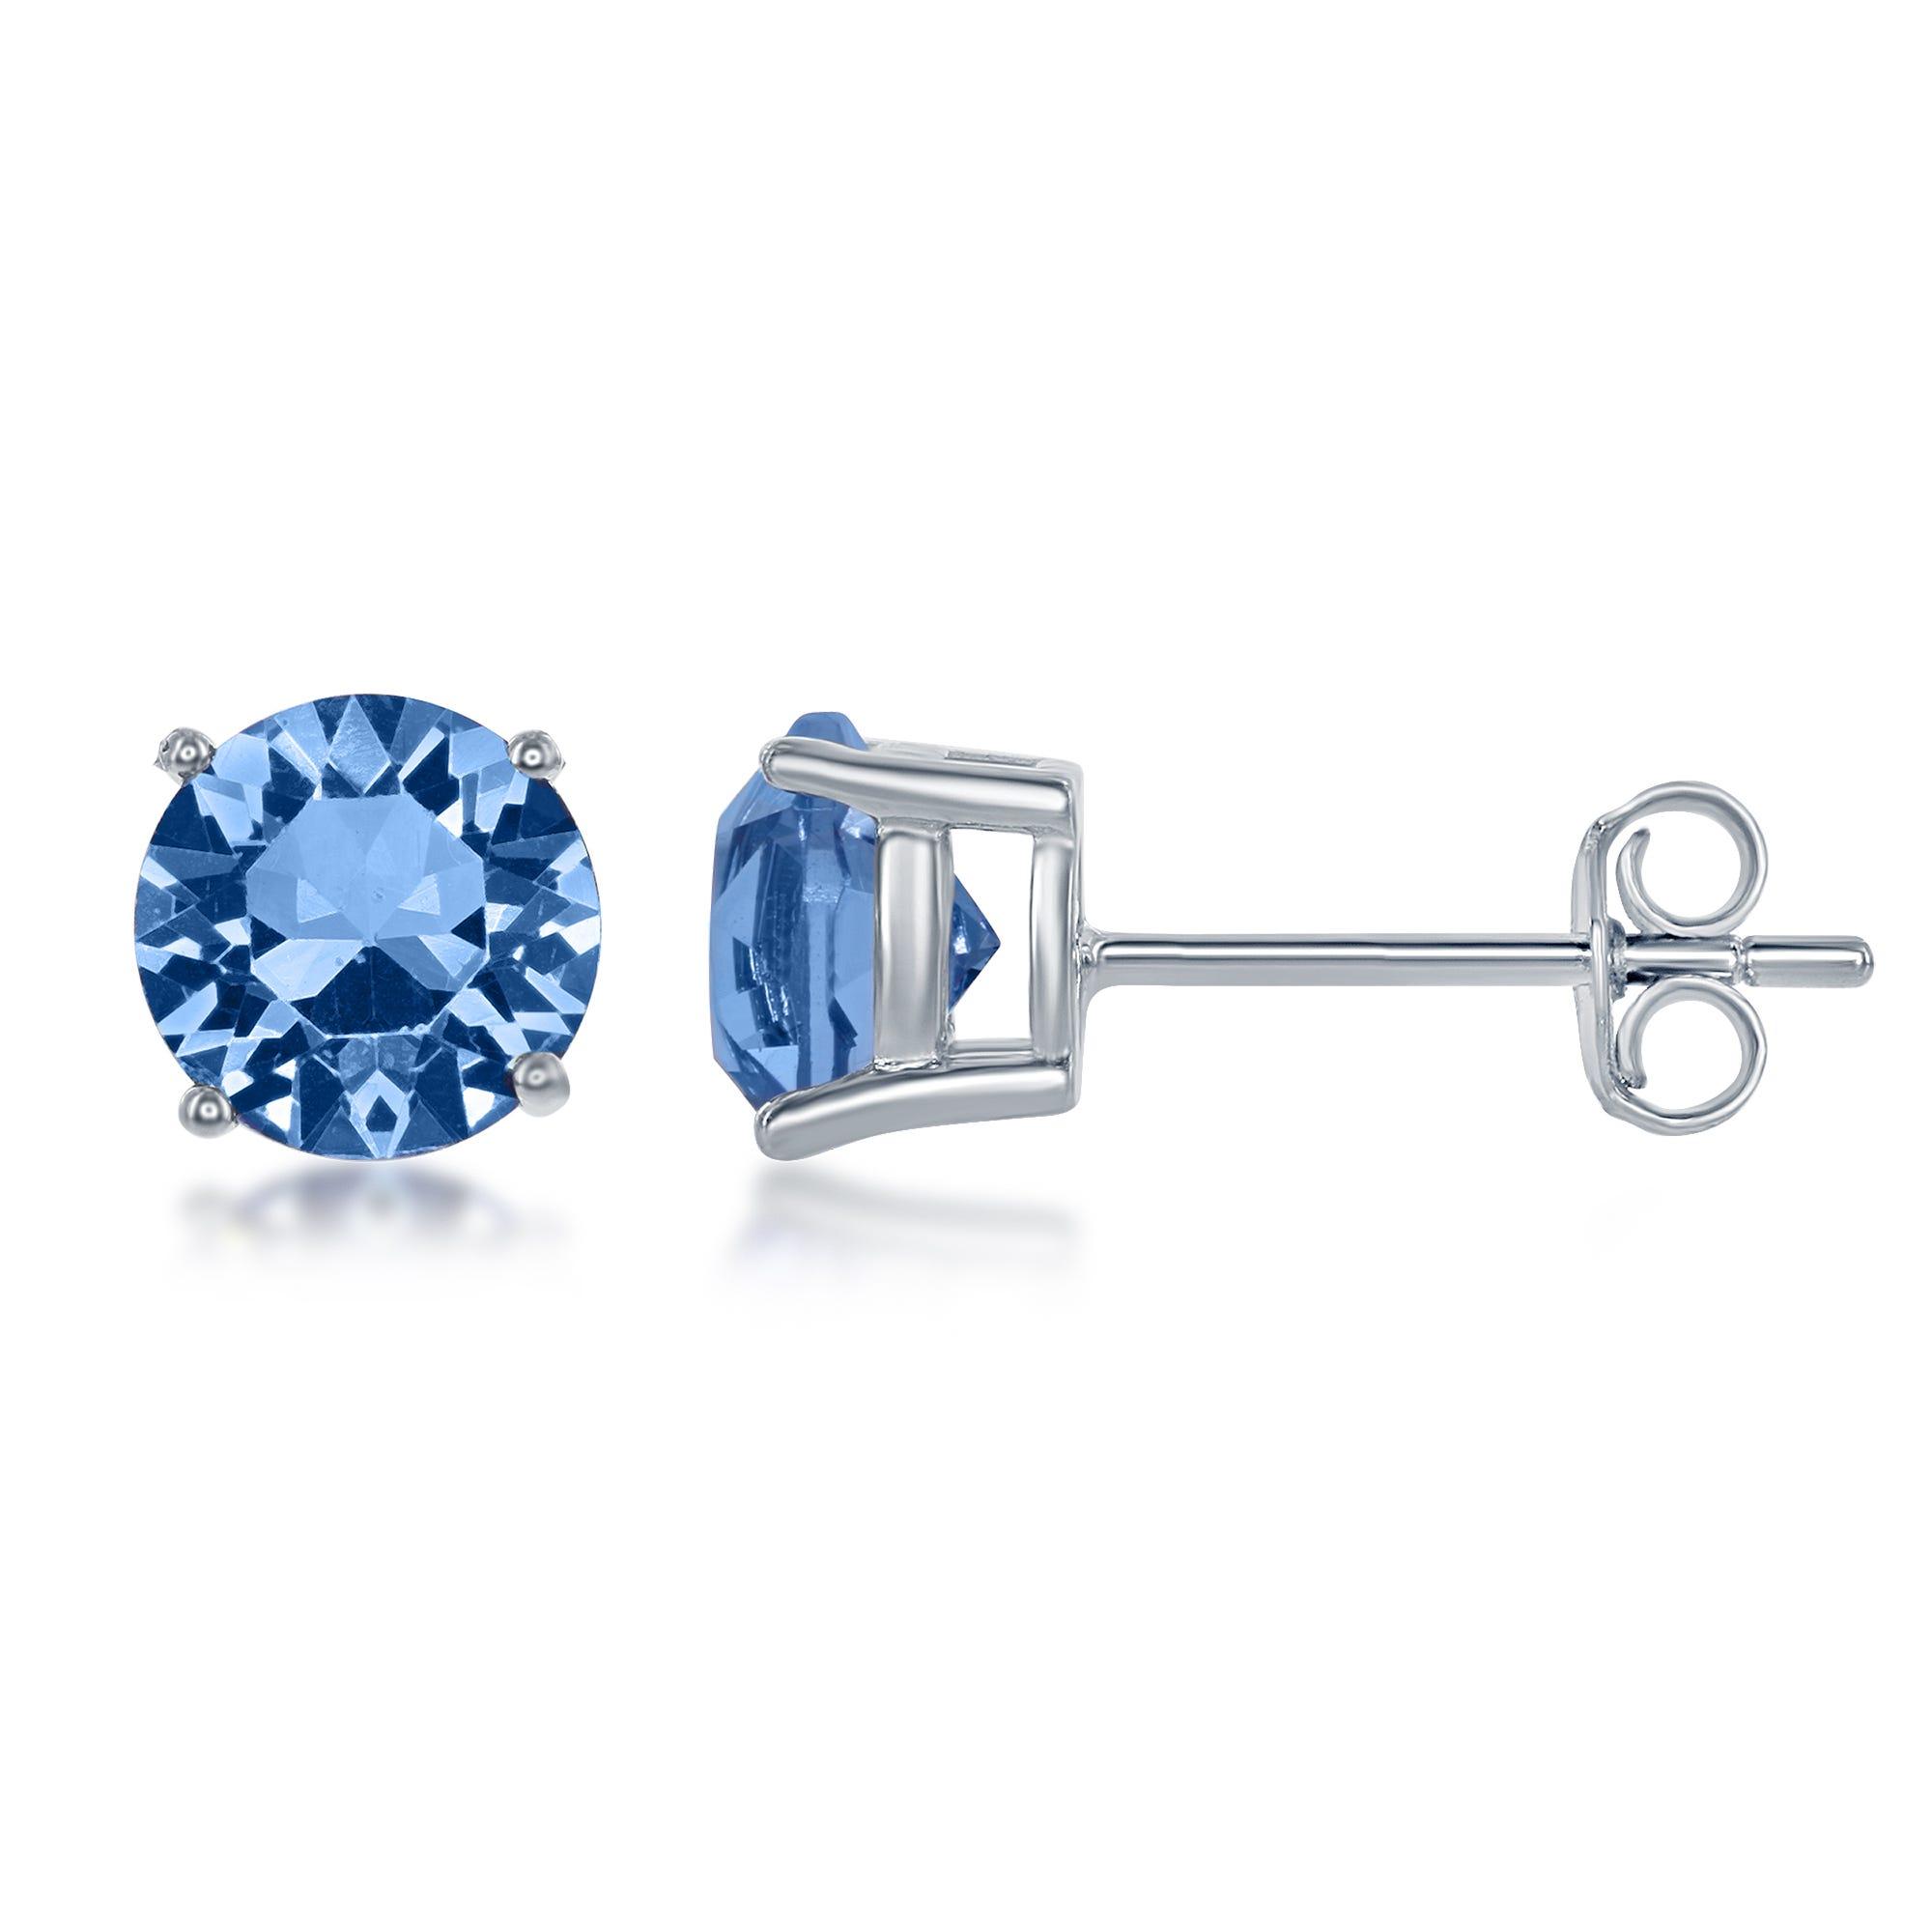 December Swarovski Crystal Earrings in Sterling Silver